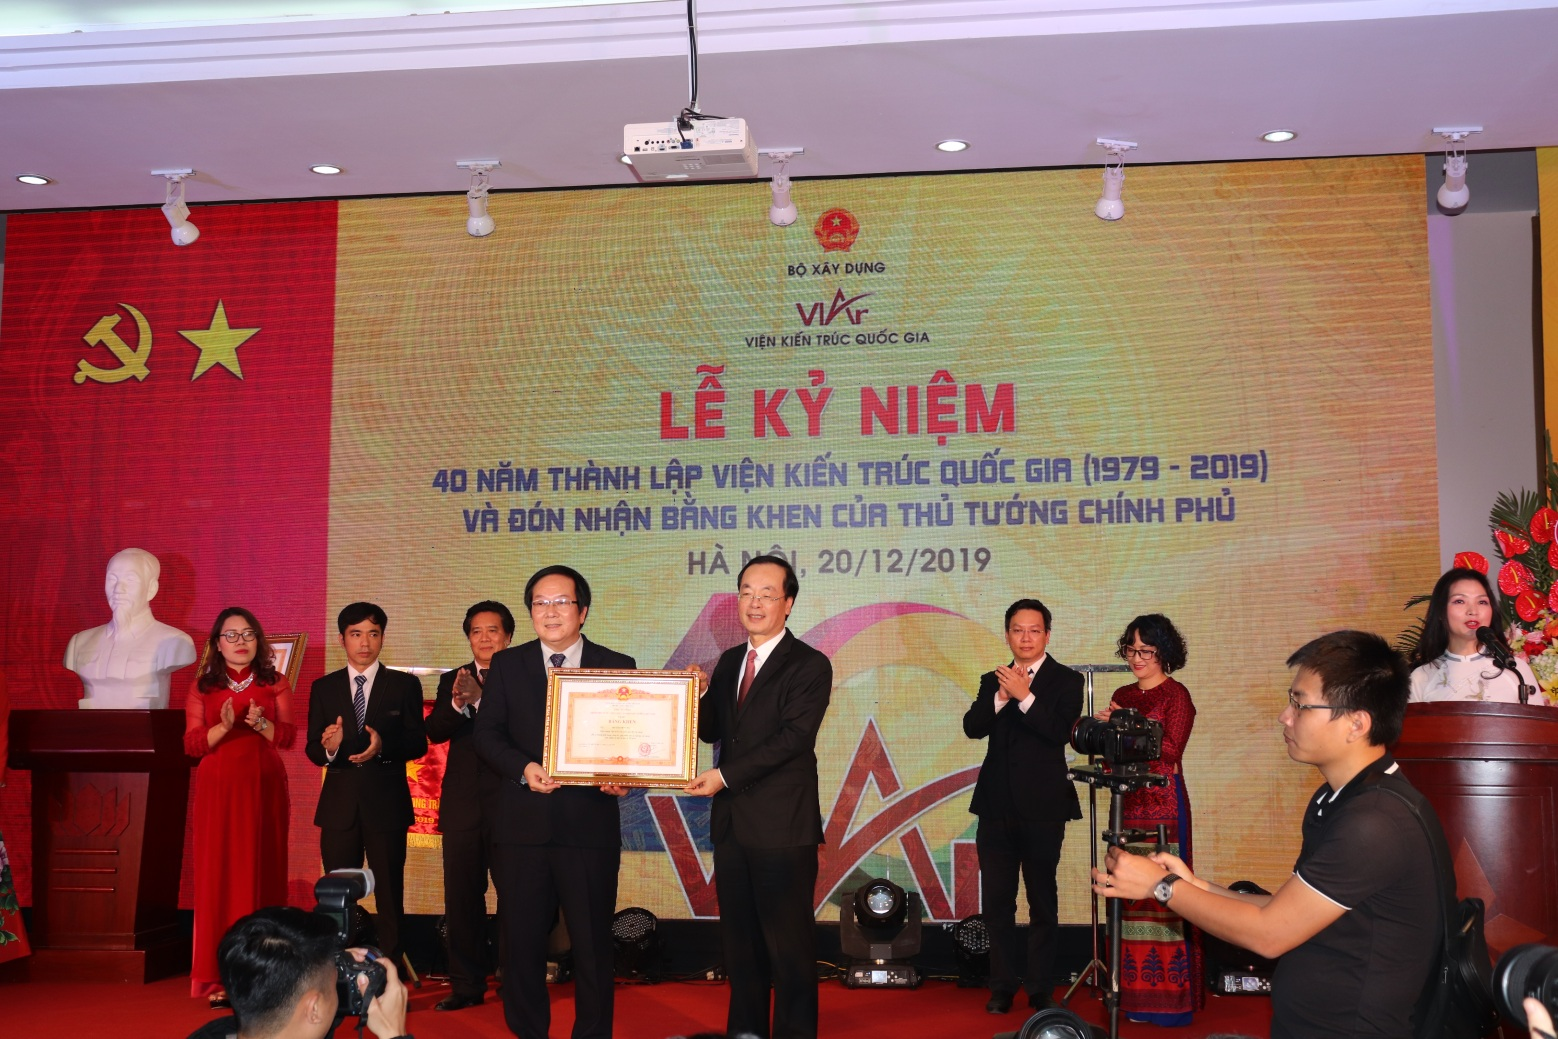 Thừa ủy quyền của Thủ tướng Chính phủ, Bộ trưởng Phạm Hồng Hà trao Bằng khen của Thủ tướng Chính phủ cho Viện Kiến trúc Quốc gia và cá nhân Viện trưởng Đỗ Thanh Tùng.